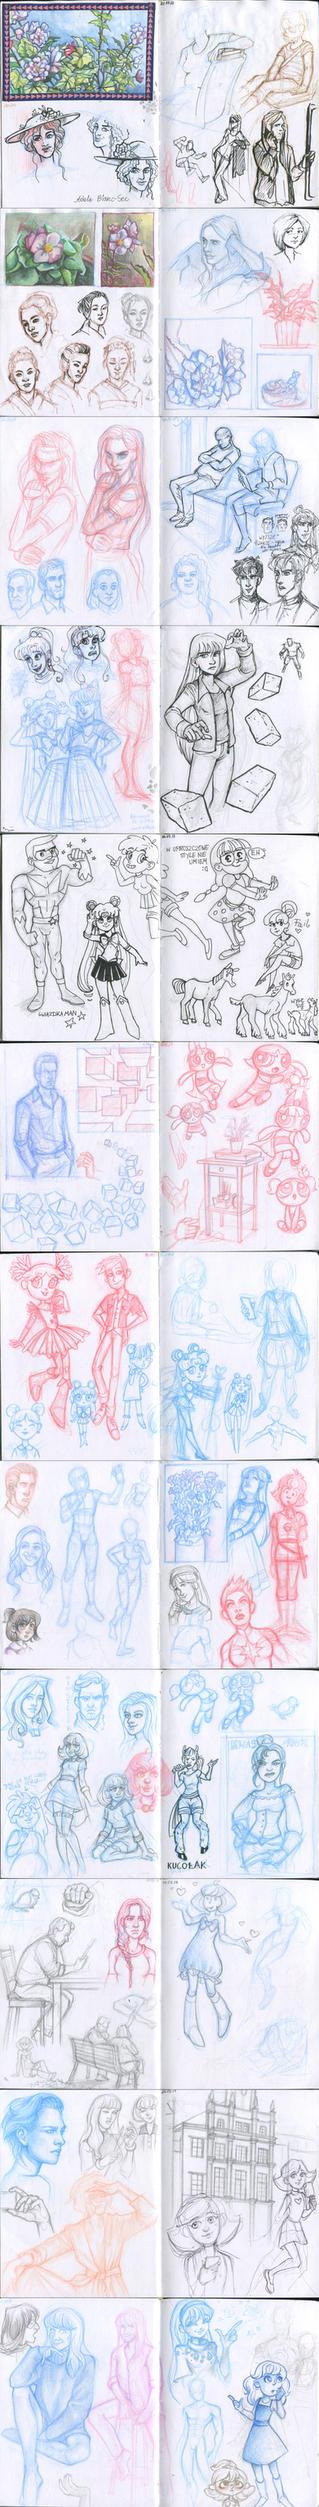 My sketchbook 38 by Annorelka